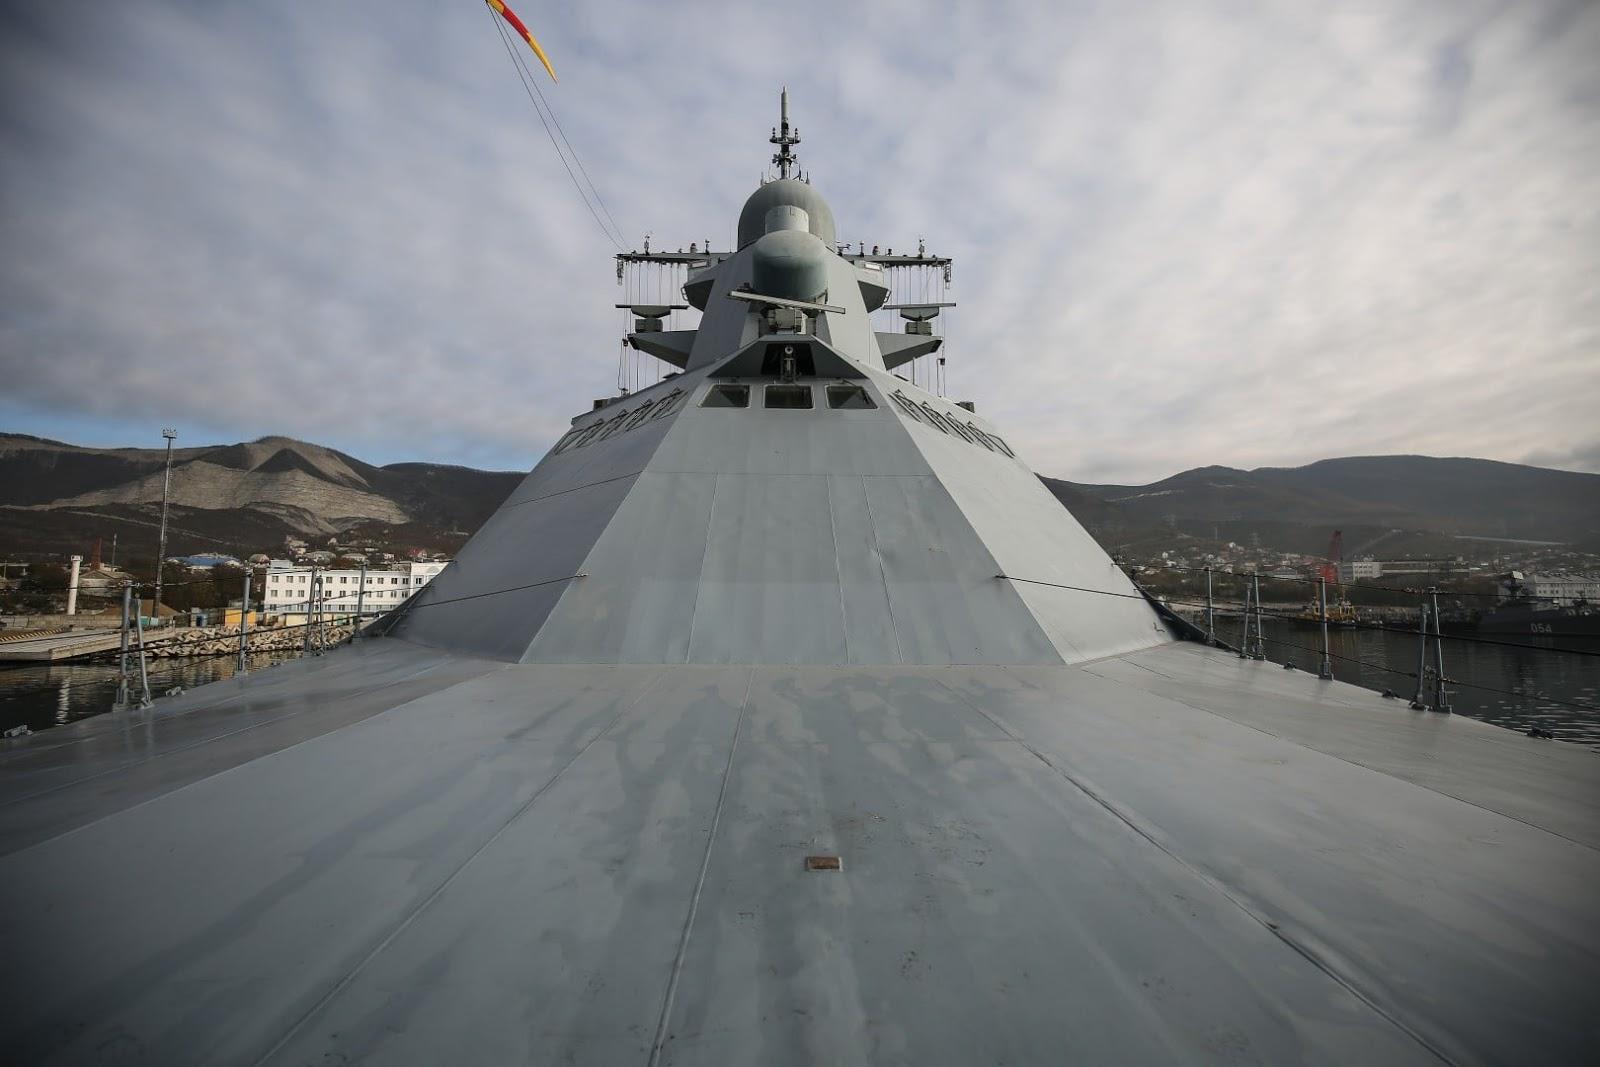 Чорноморський флот РФ отримав новий патрульний корабель проєкту 22160